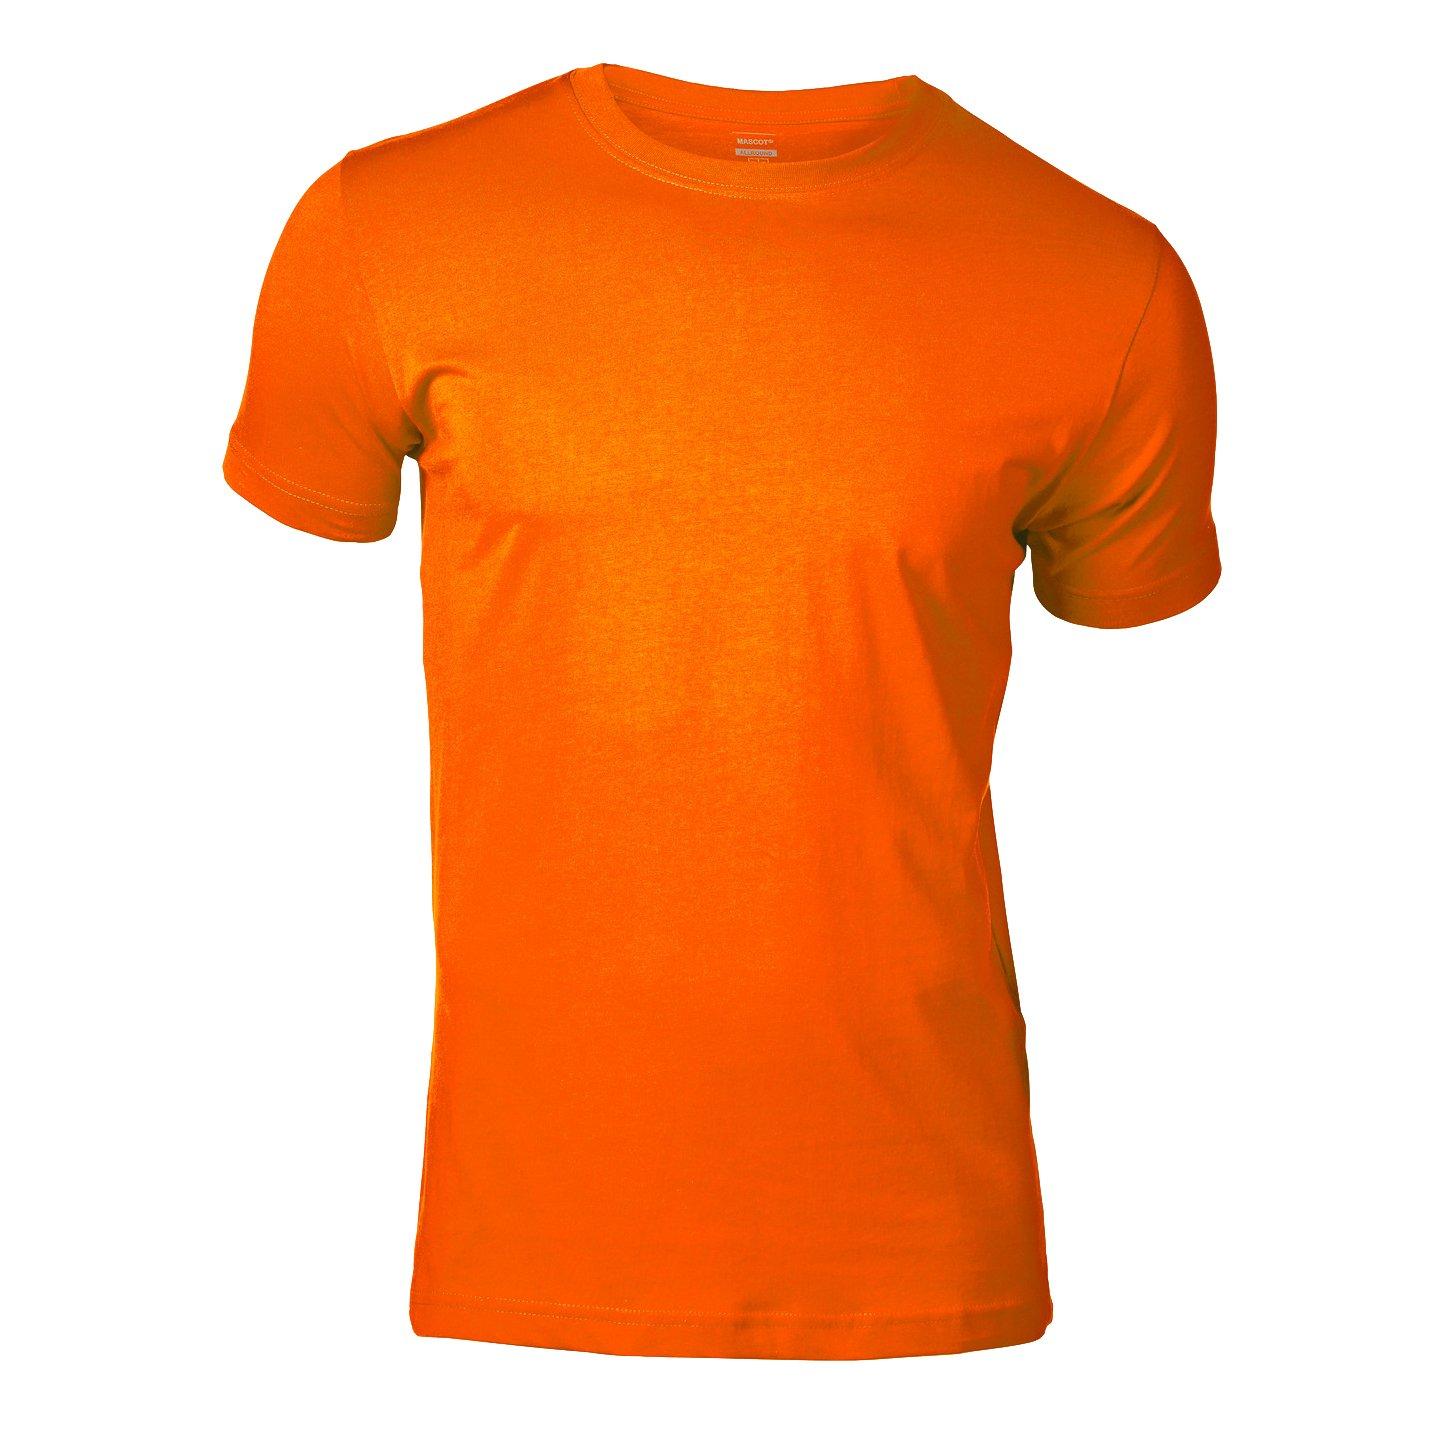 Hi-Vis Orange Mascot 51625-949-14-M T-ShirtCalais Size M